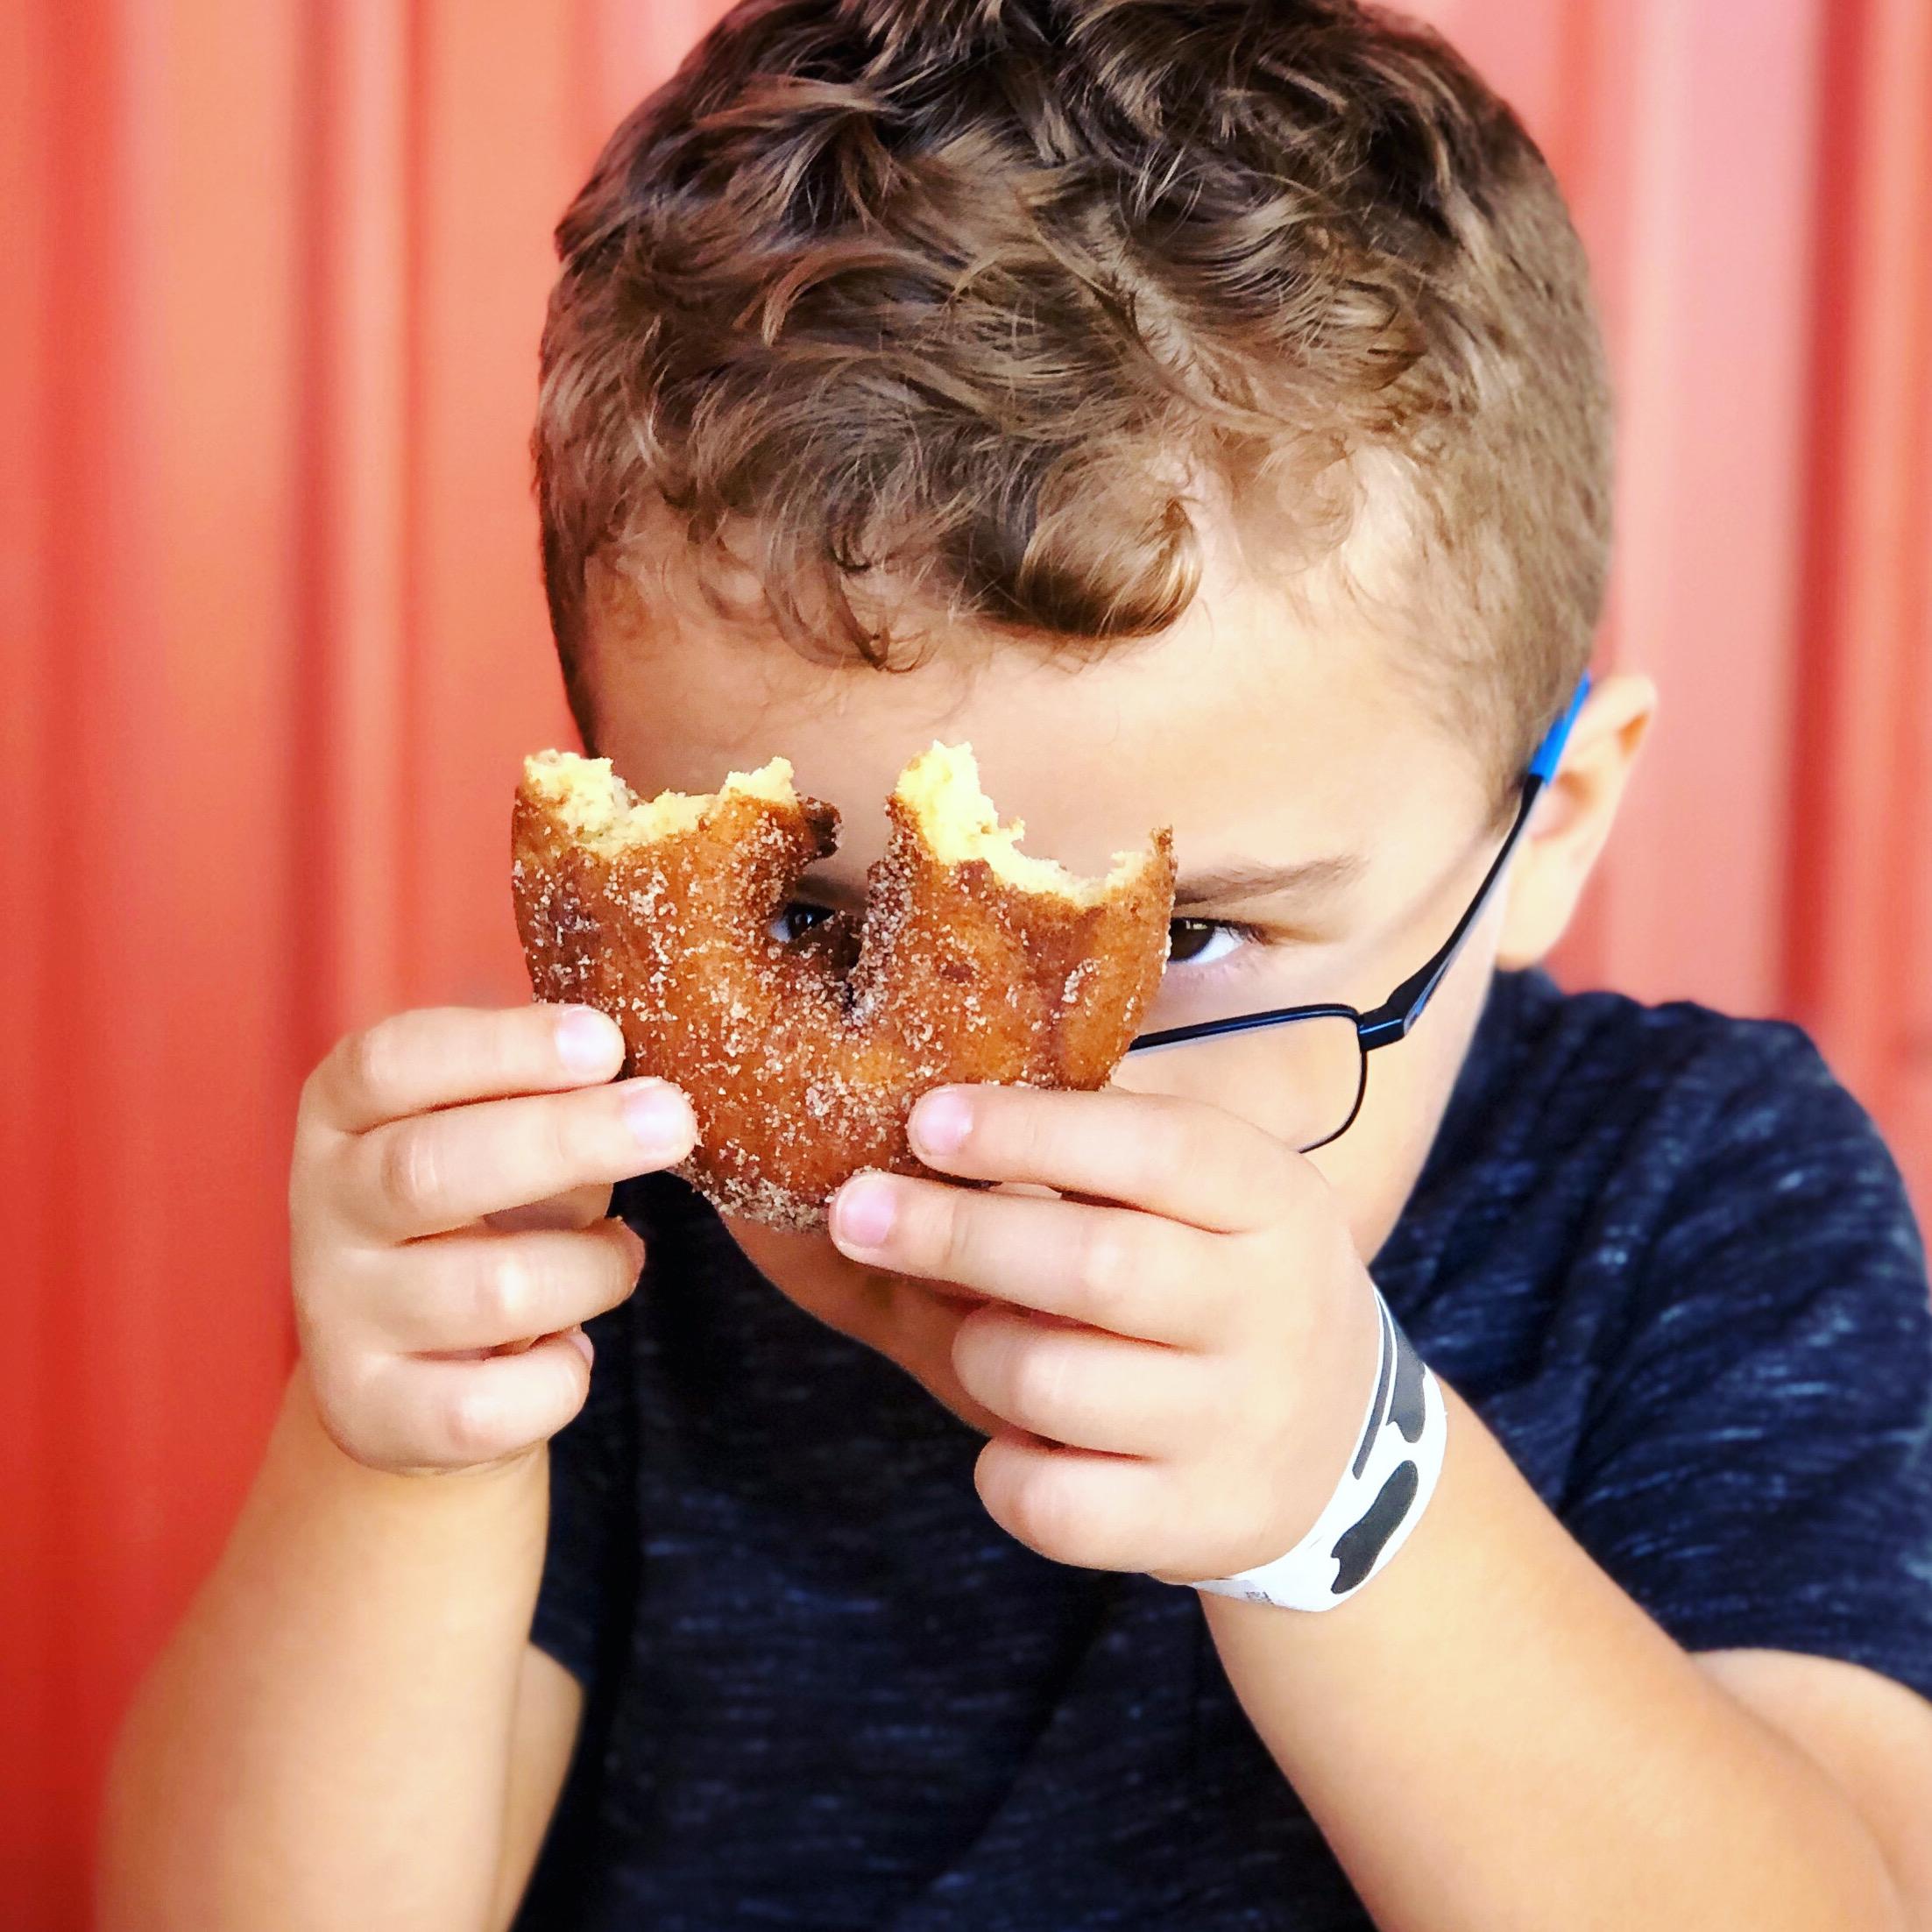 Ollie apple donut